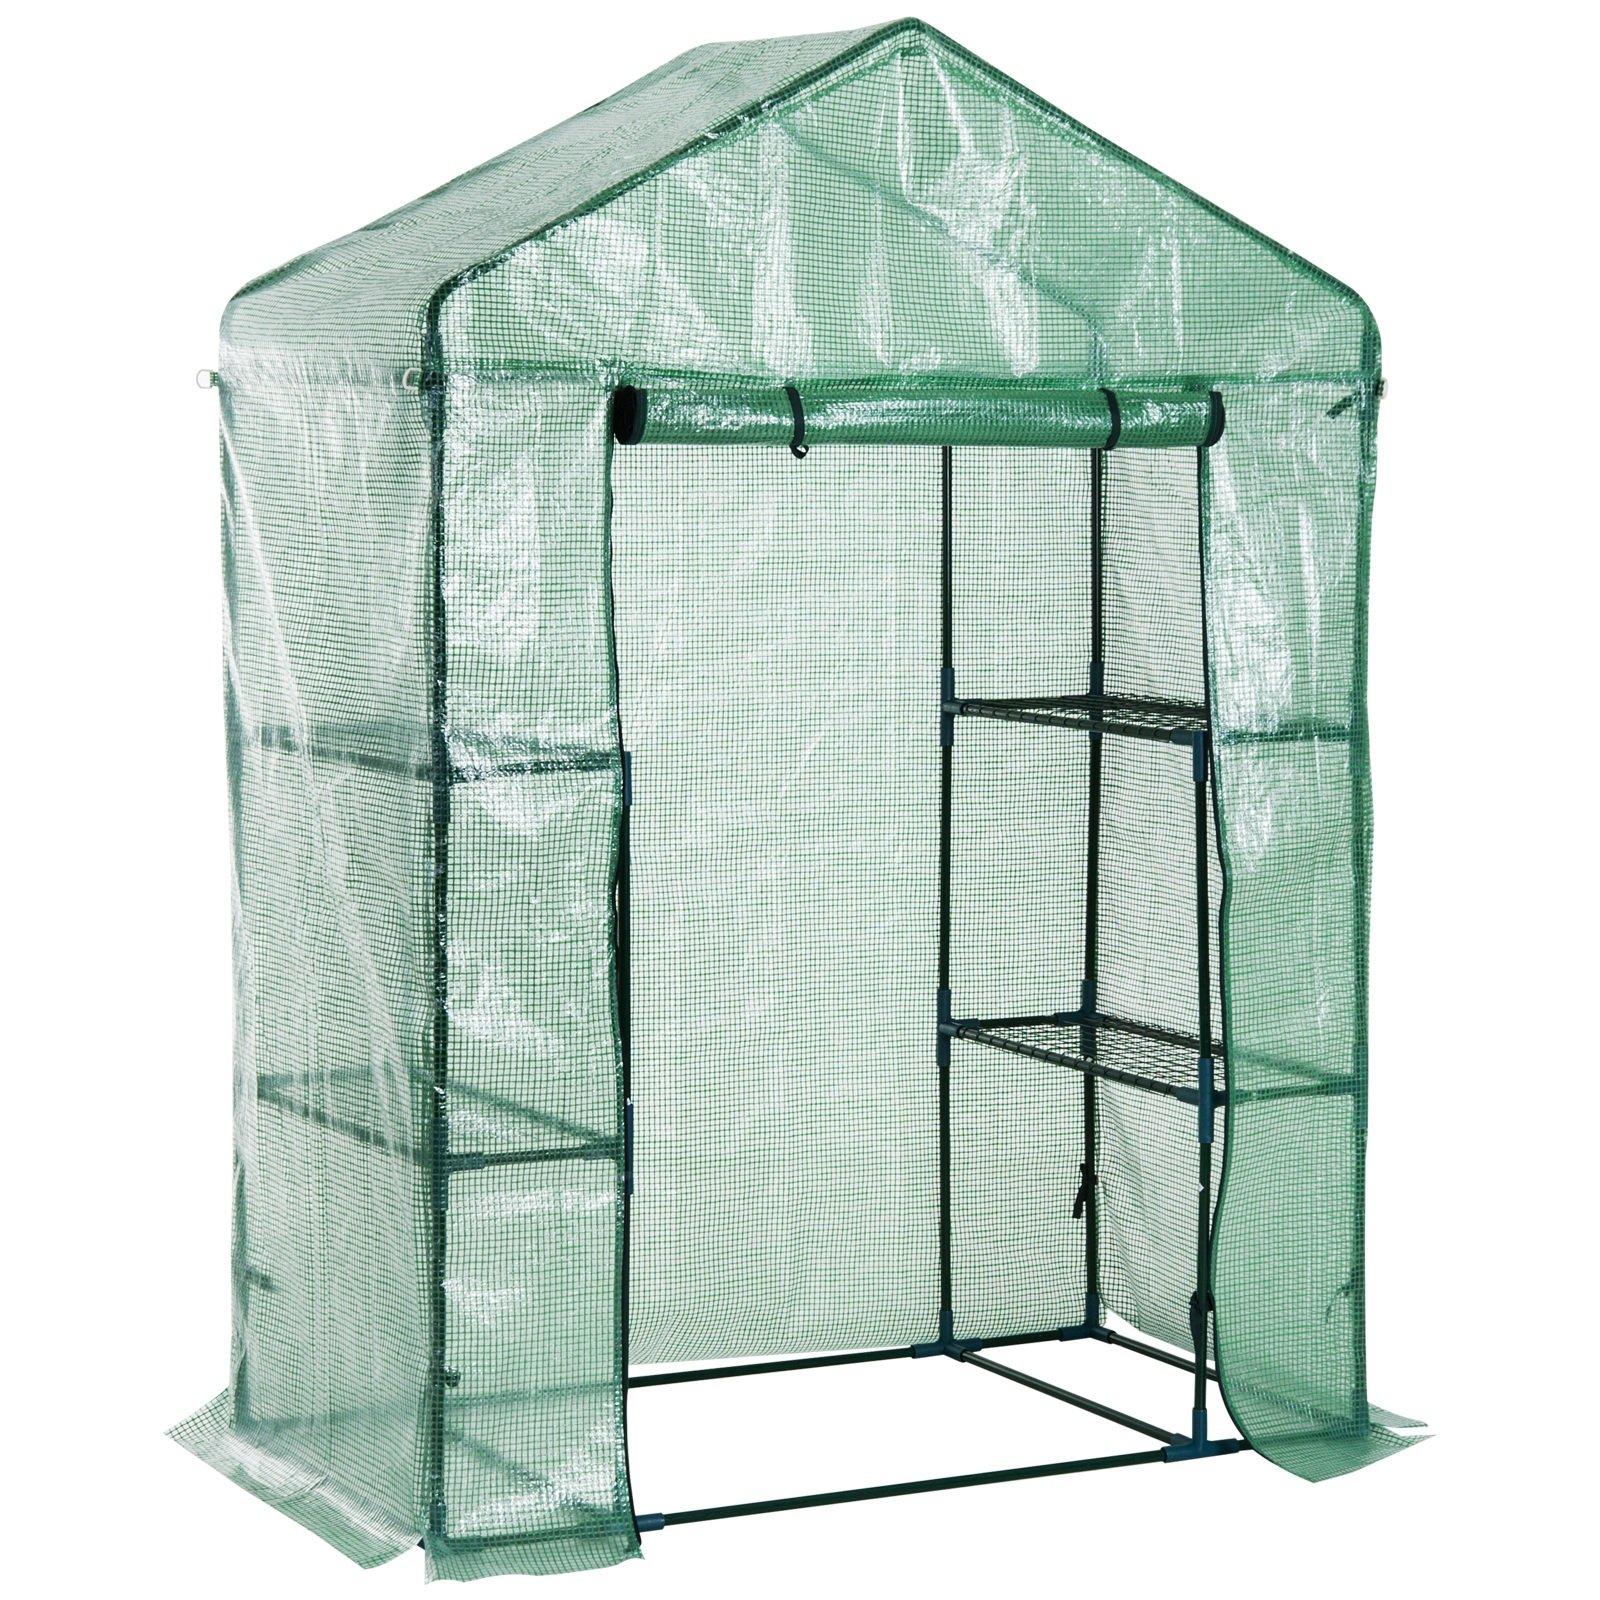 Festnight Outdoor Patio Portable Walk-In Greenhouse Lightweight Deck with Zippered Door 4.5' x 2.5' x 6.5' 3